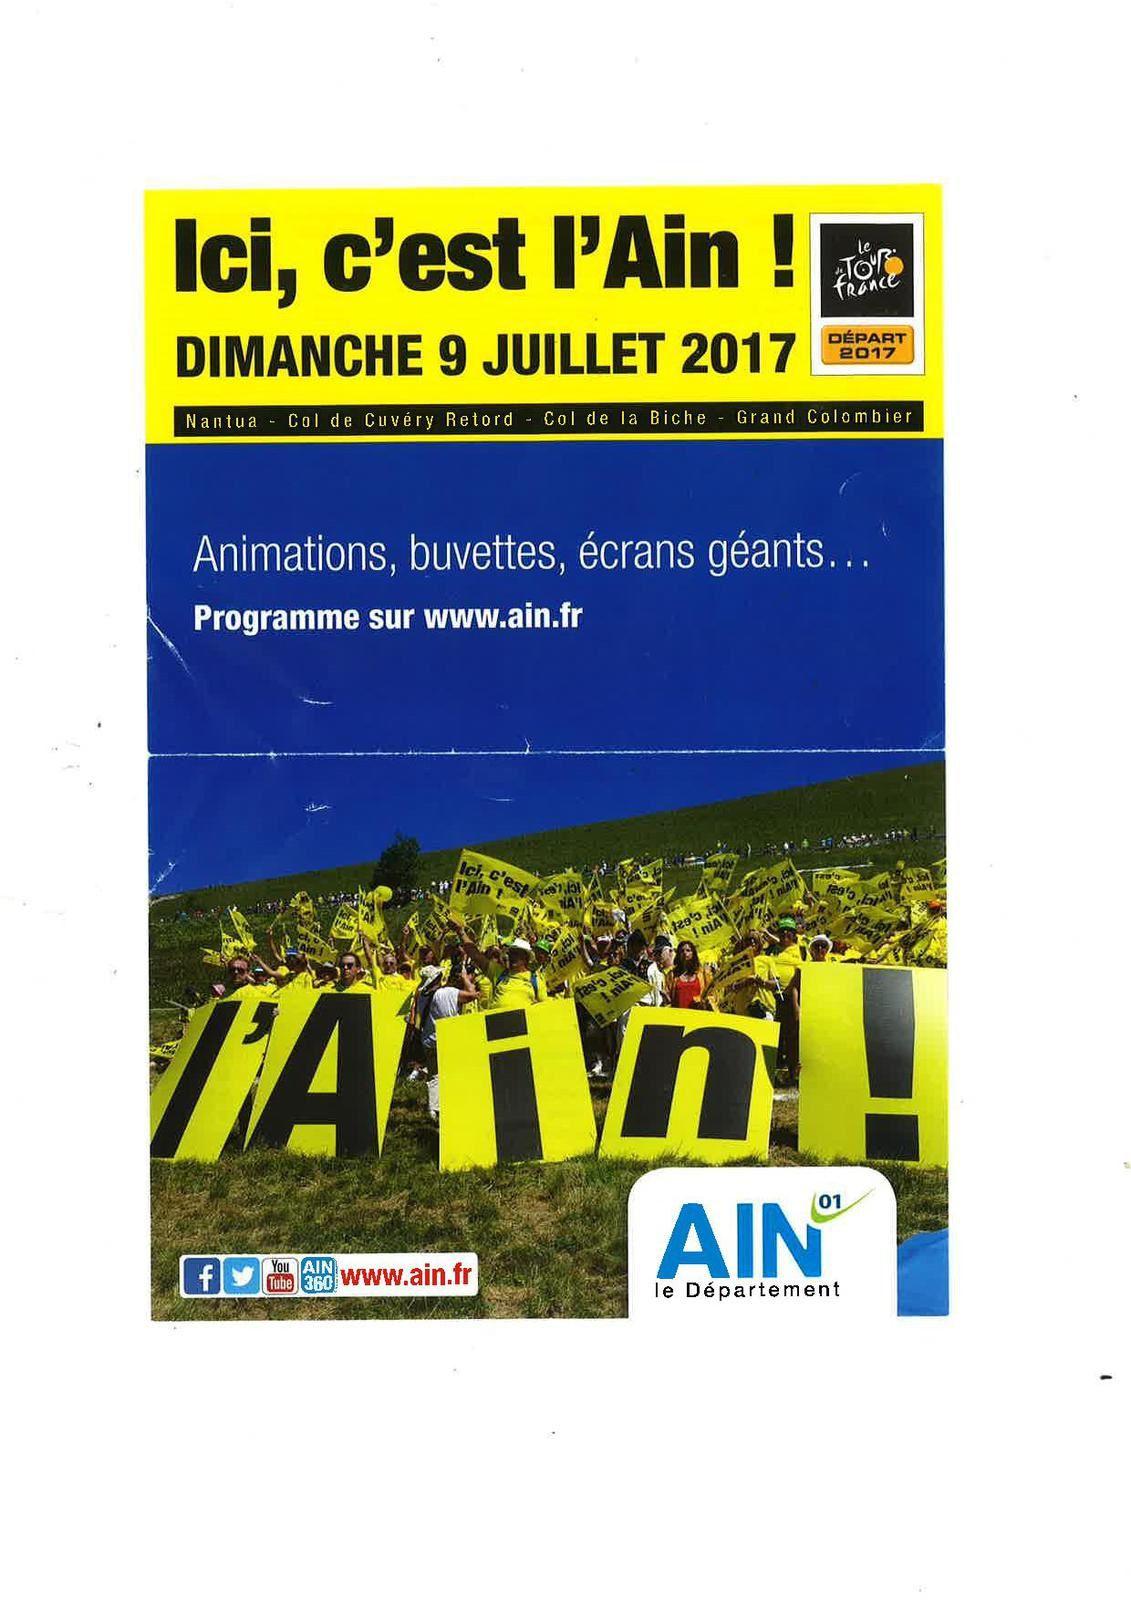 Passage du Tour de France, le 09 juillet à Cuvéry.